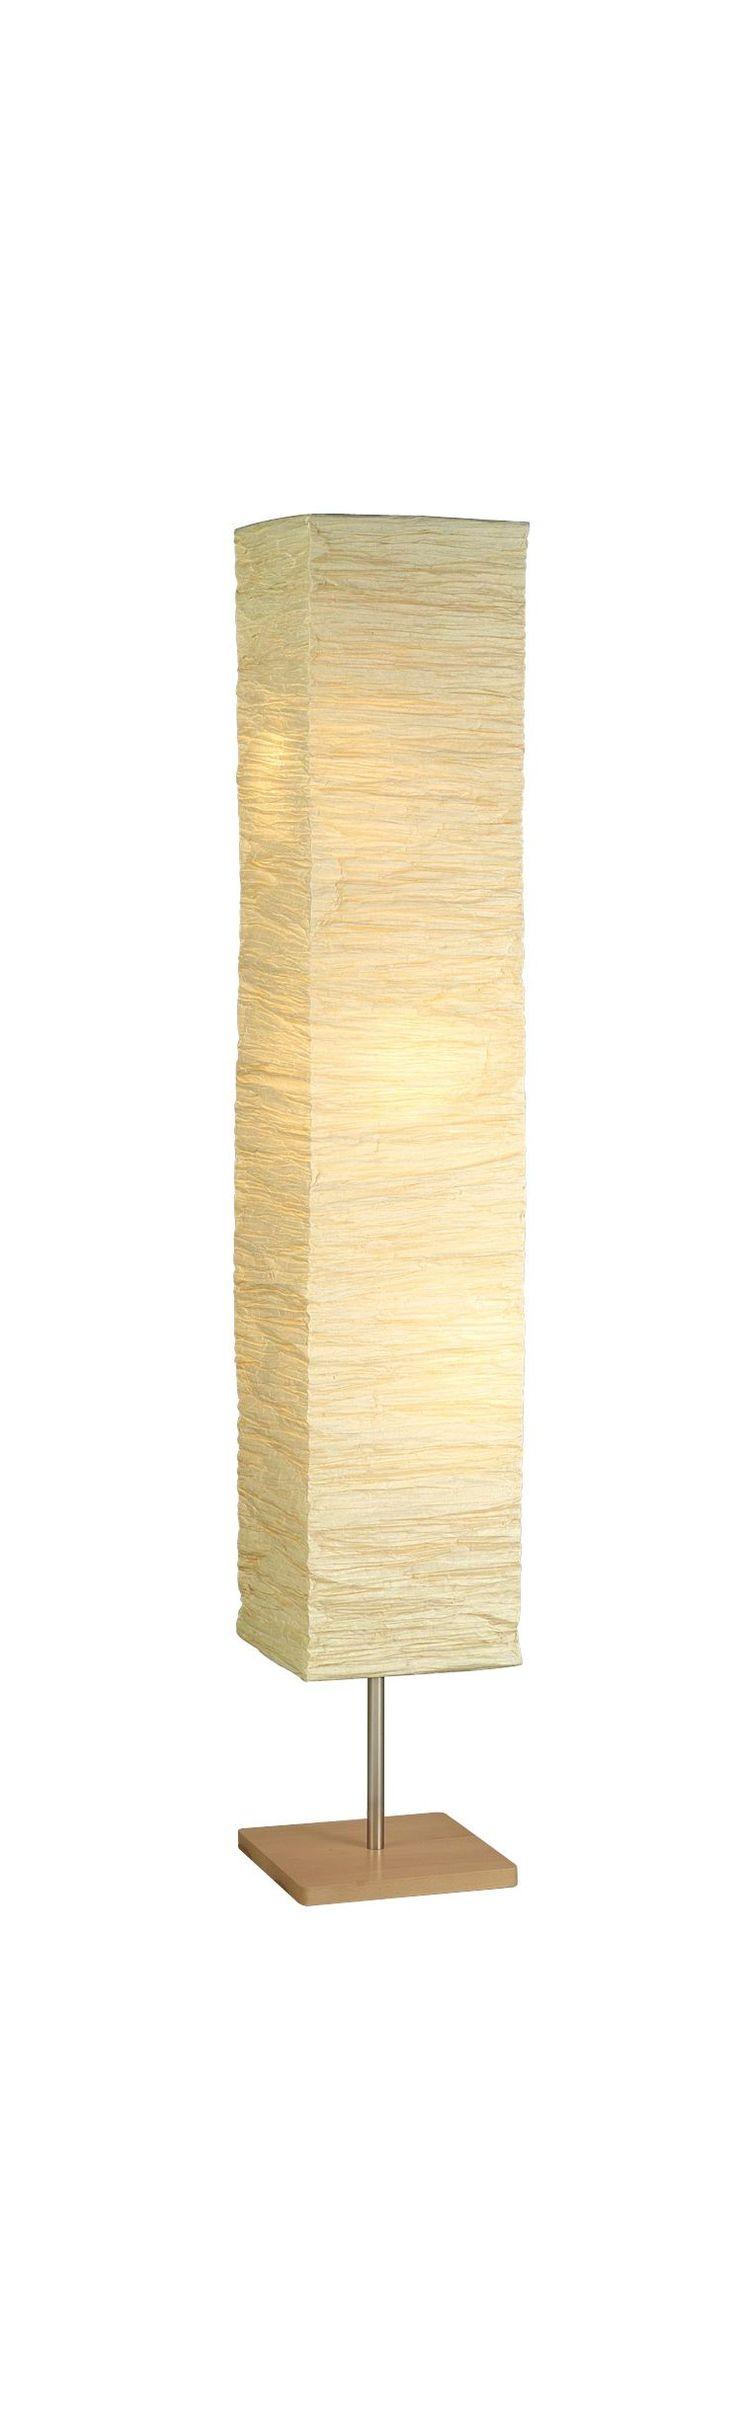 Dune Torchiere Floor Lamp